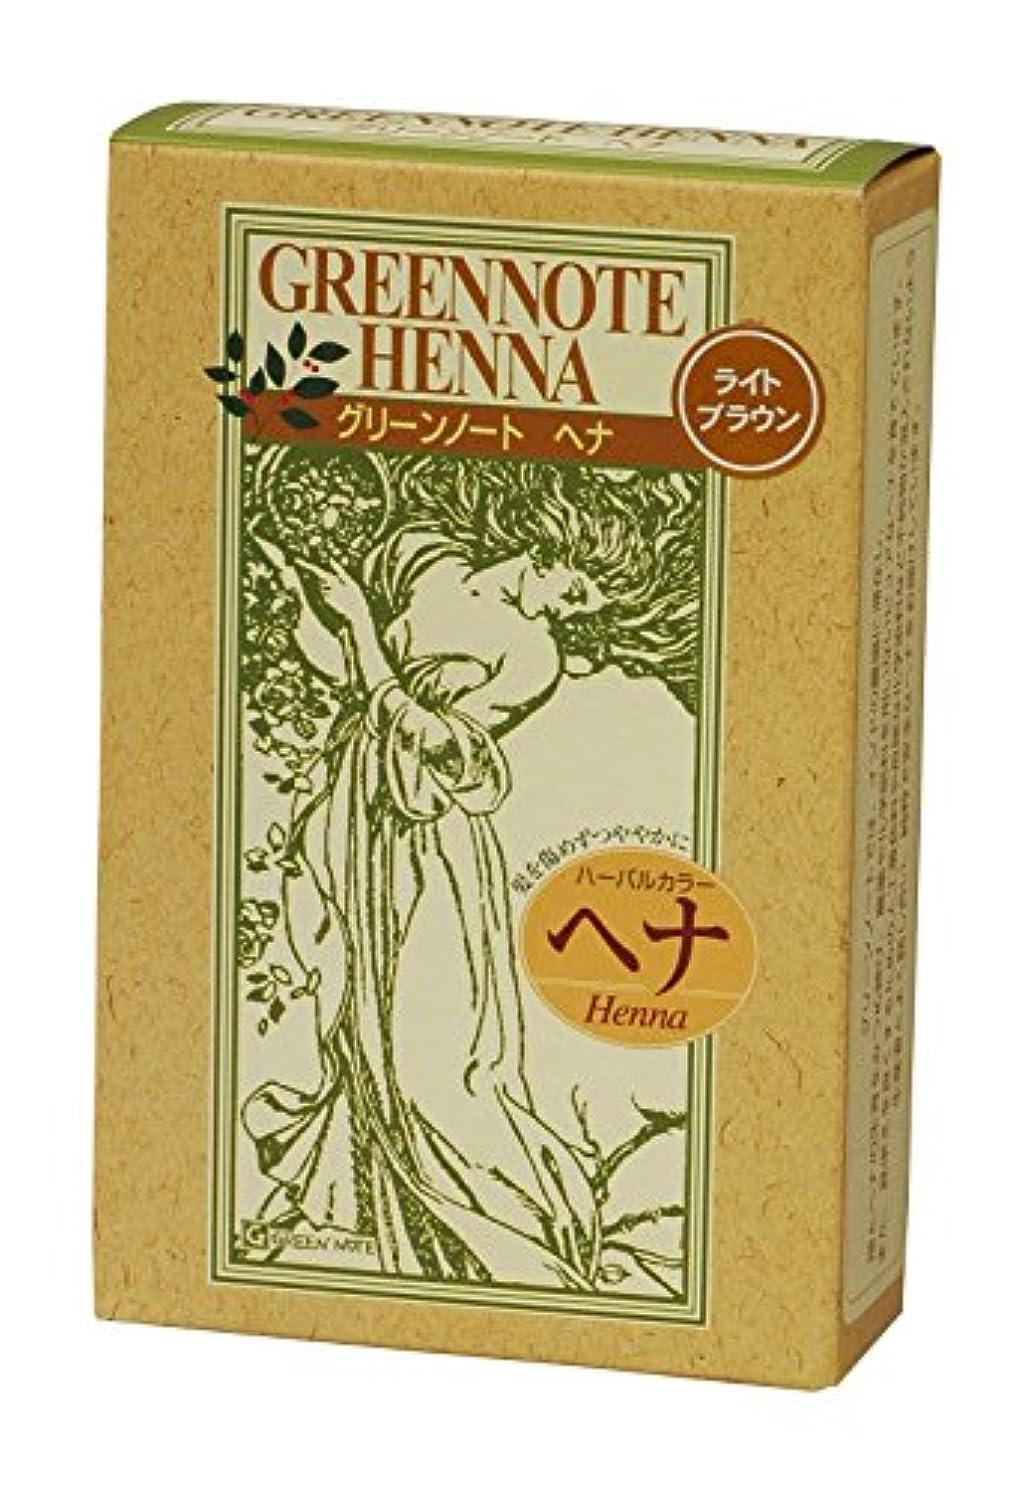 用心バナナ遵守するグリーンノートグリーンノートヘナ ライトブラウン